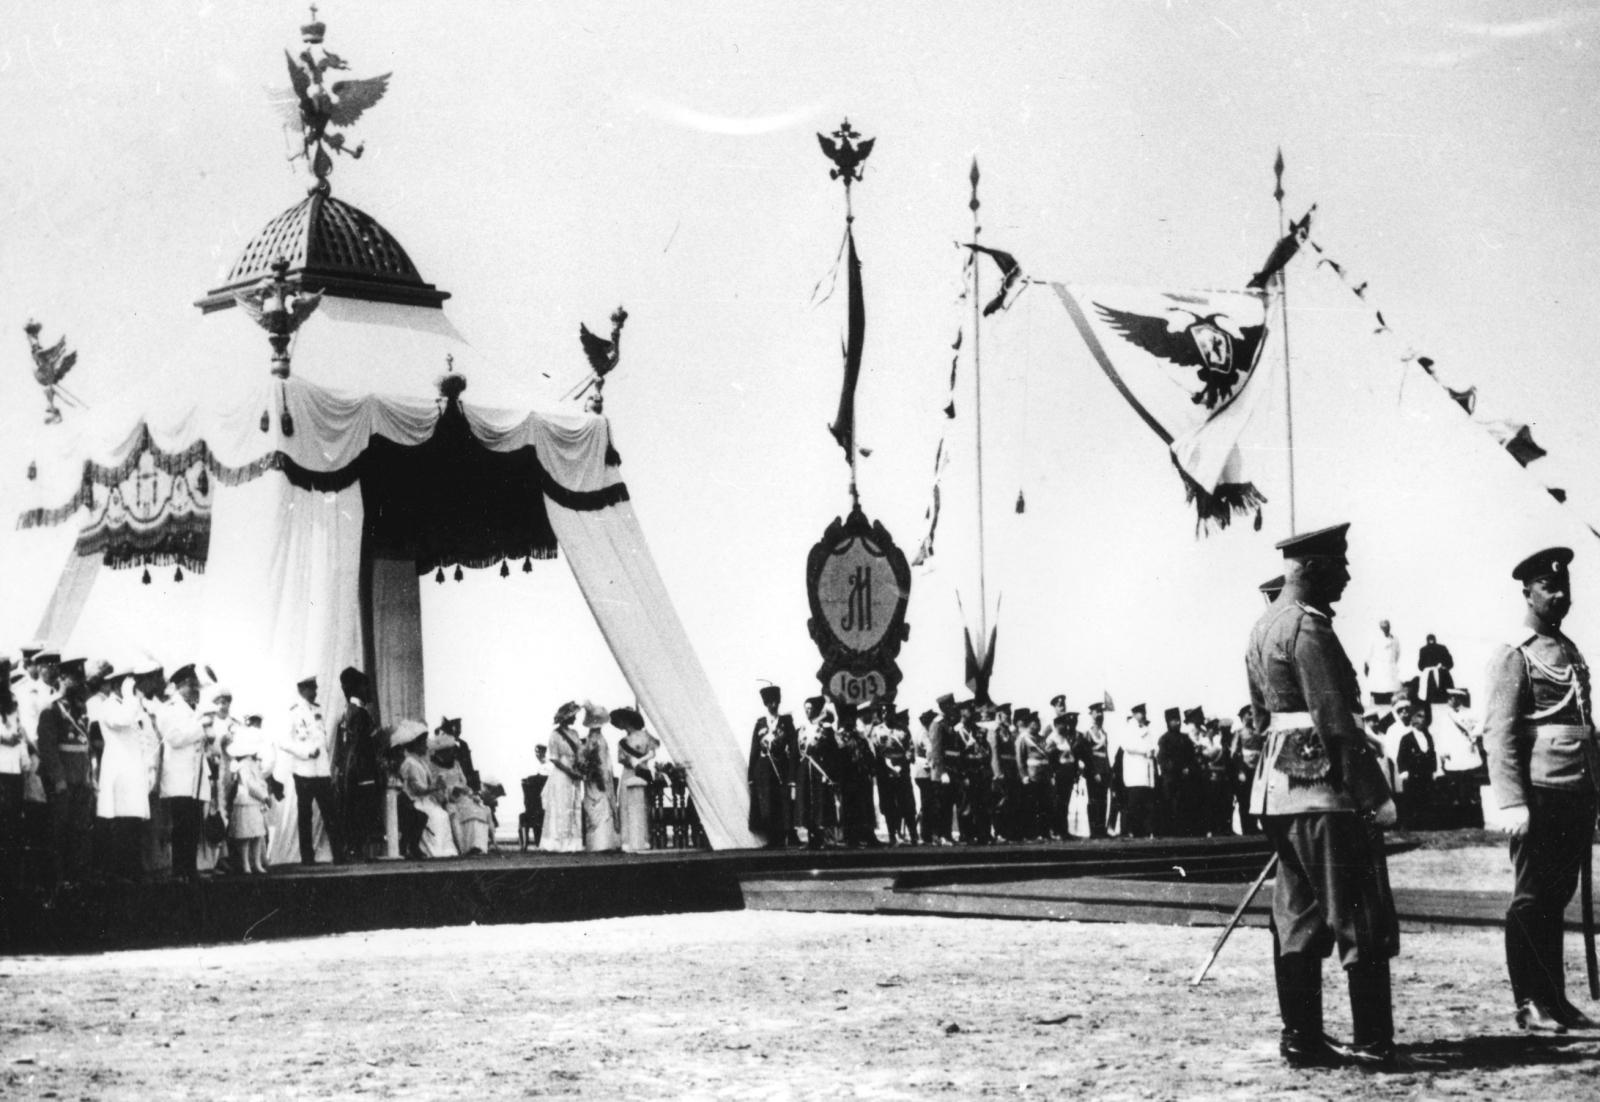 Царское место при церемонии закладки памятника в честь 300-летия дома Романовых